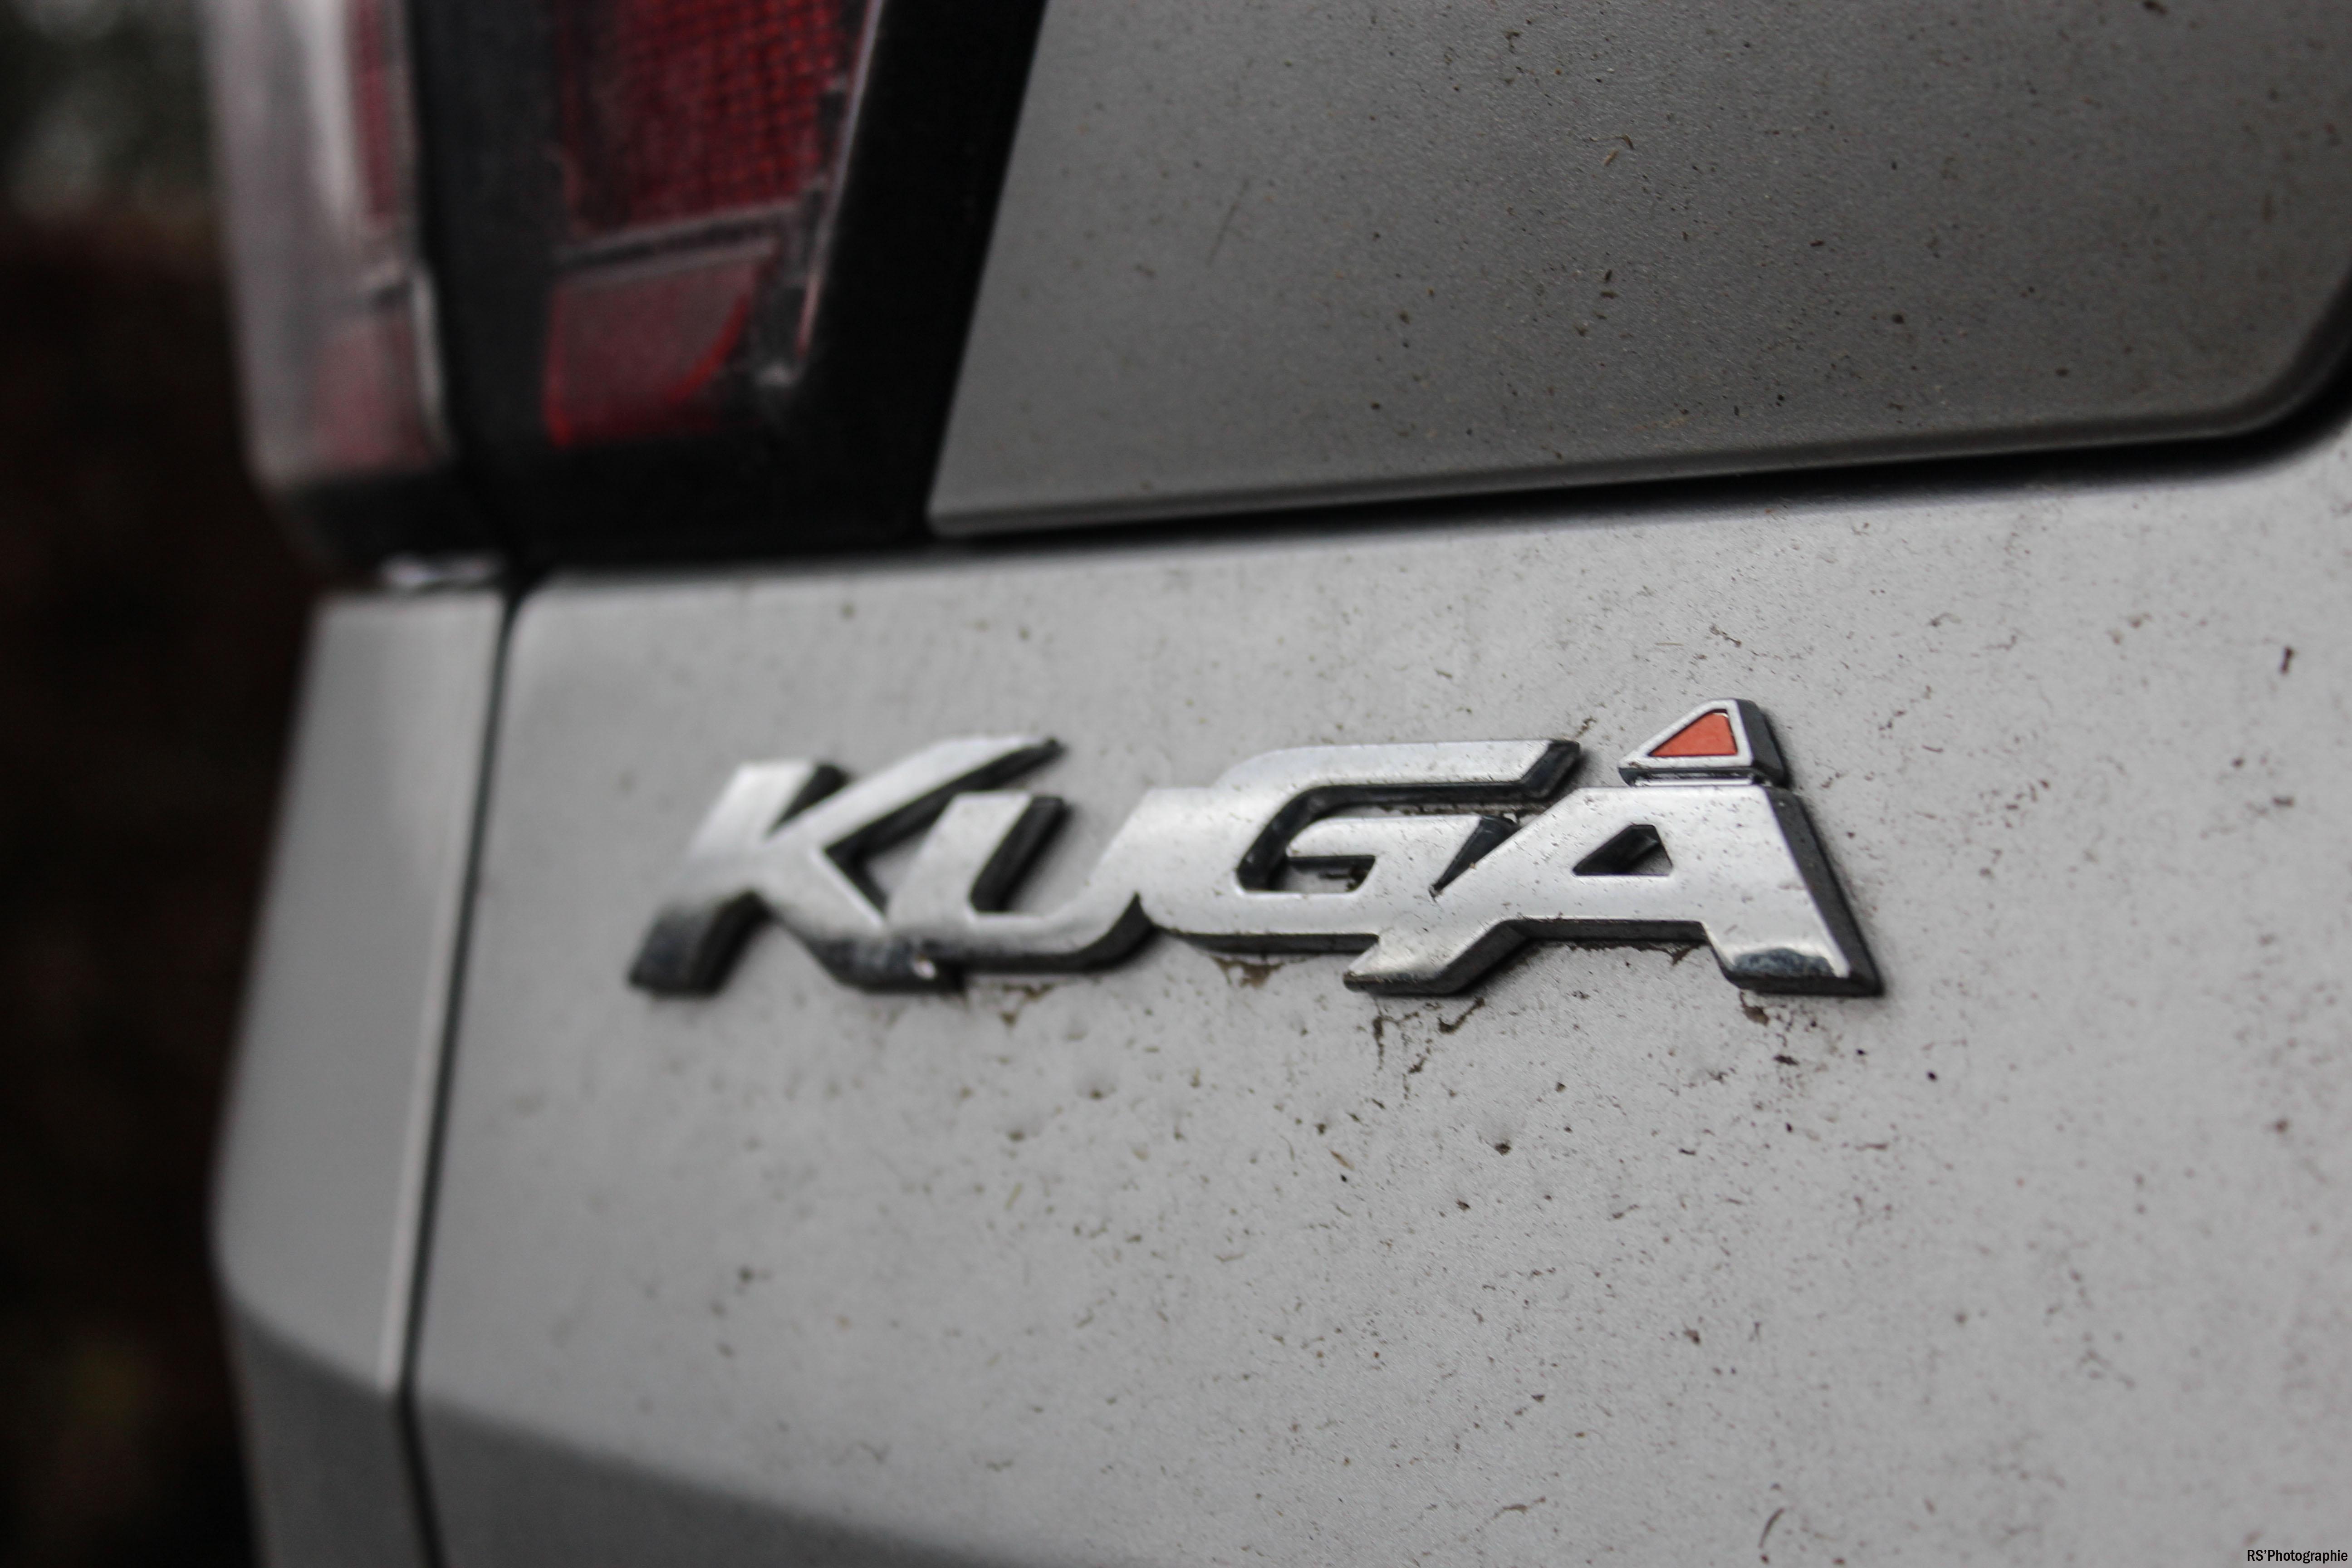 FordKuga10-ford-kuga-150-logo-arnaud-demasier-rsphotographie